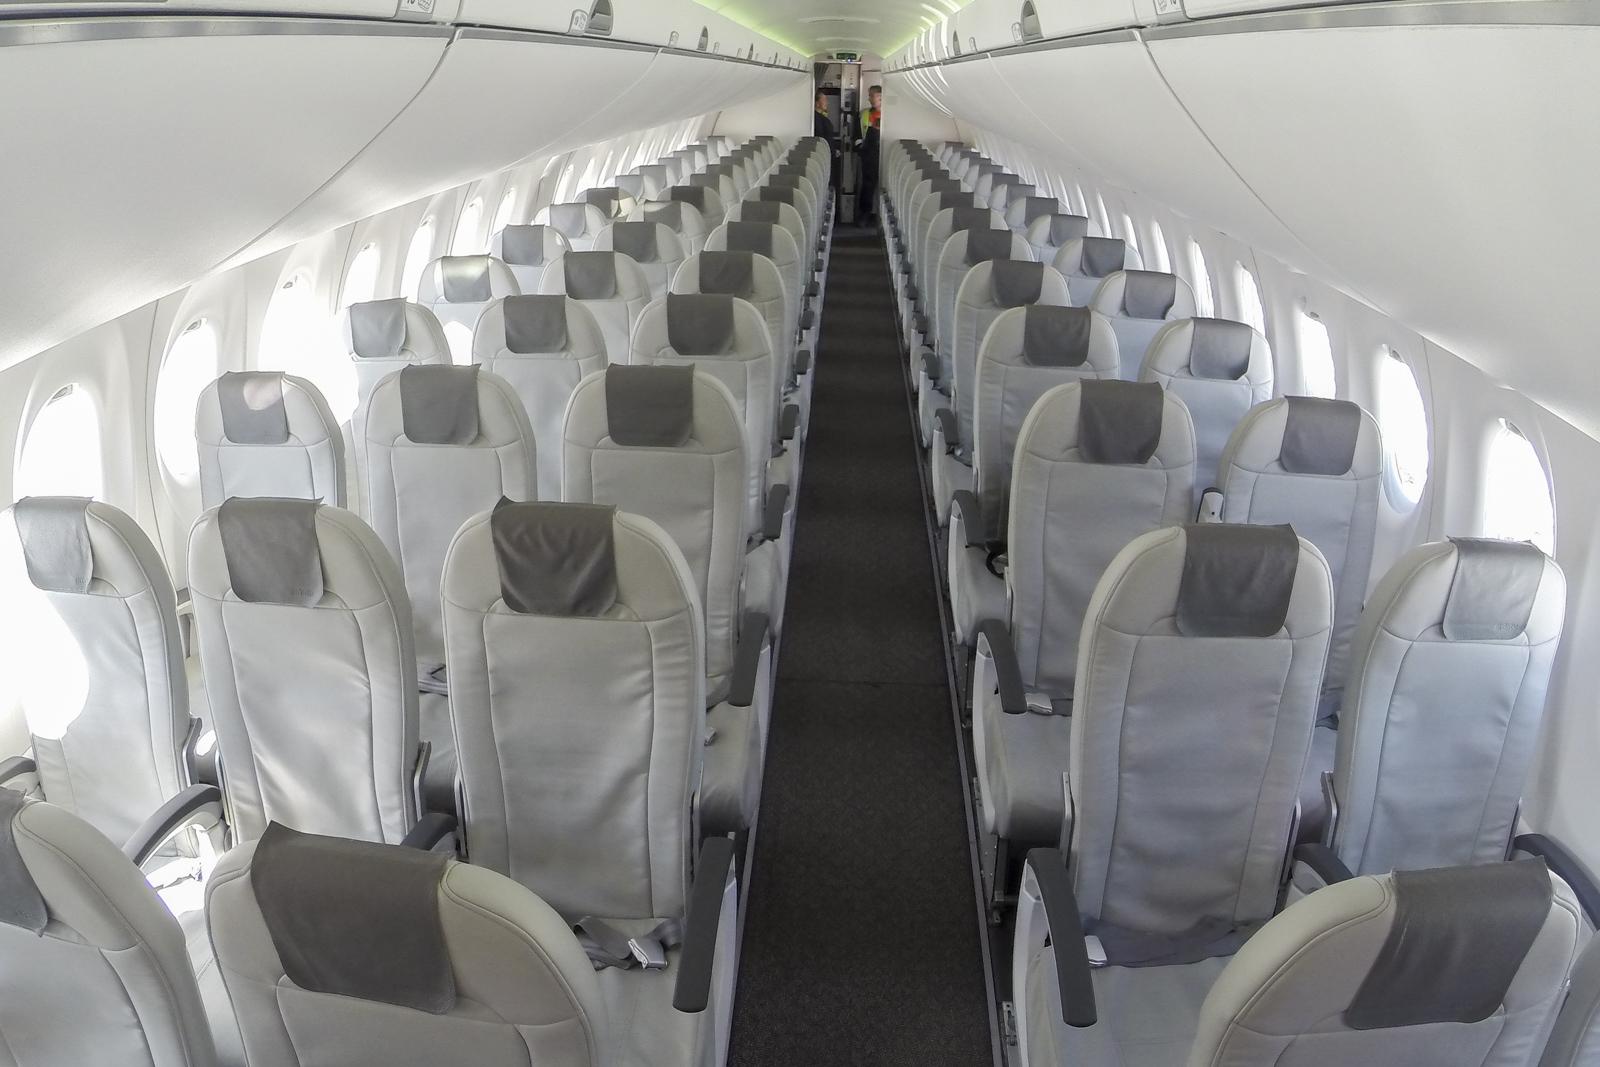 Bombardier cs300 airbaltic схема салона